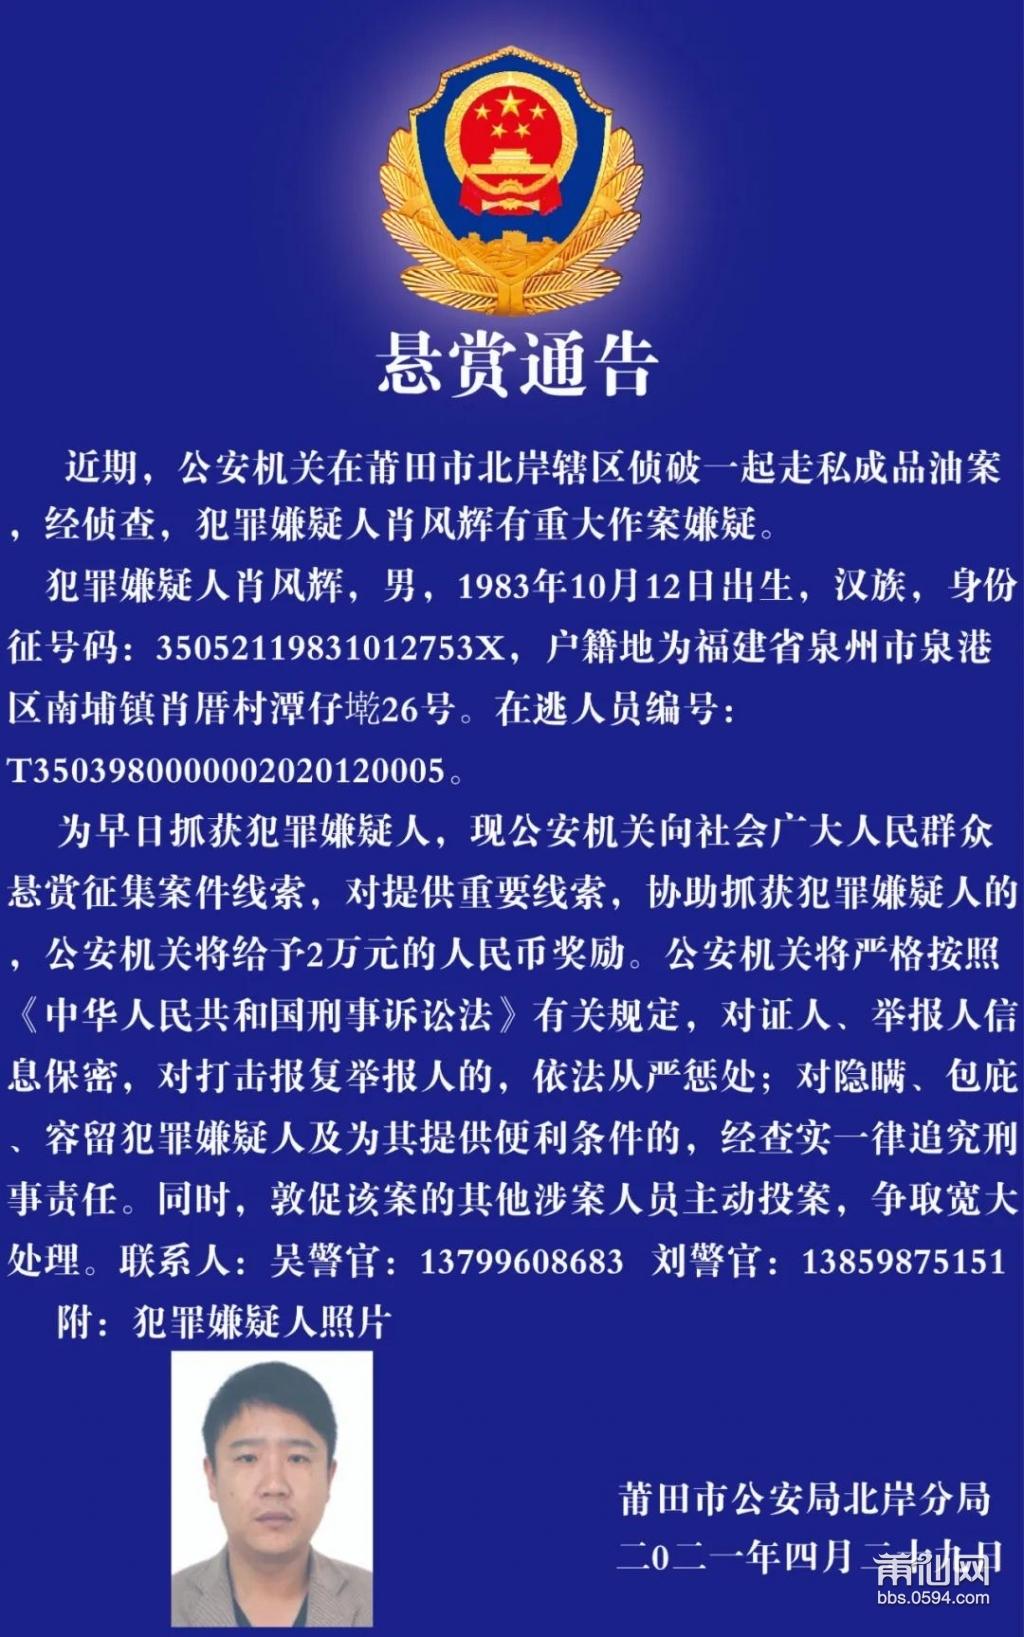 微信图片_20210501085849.jpg